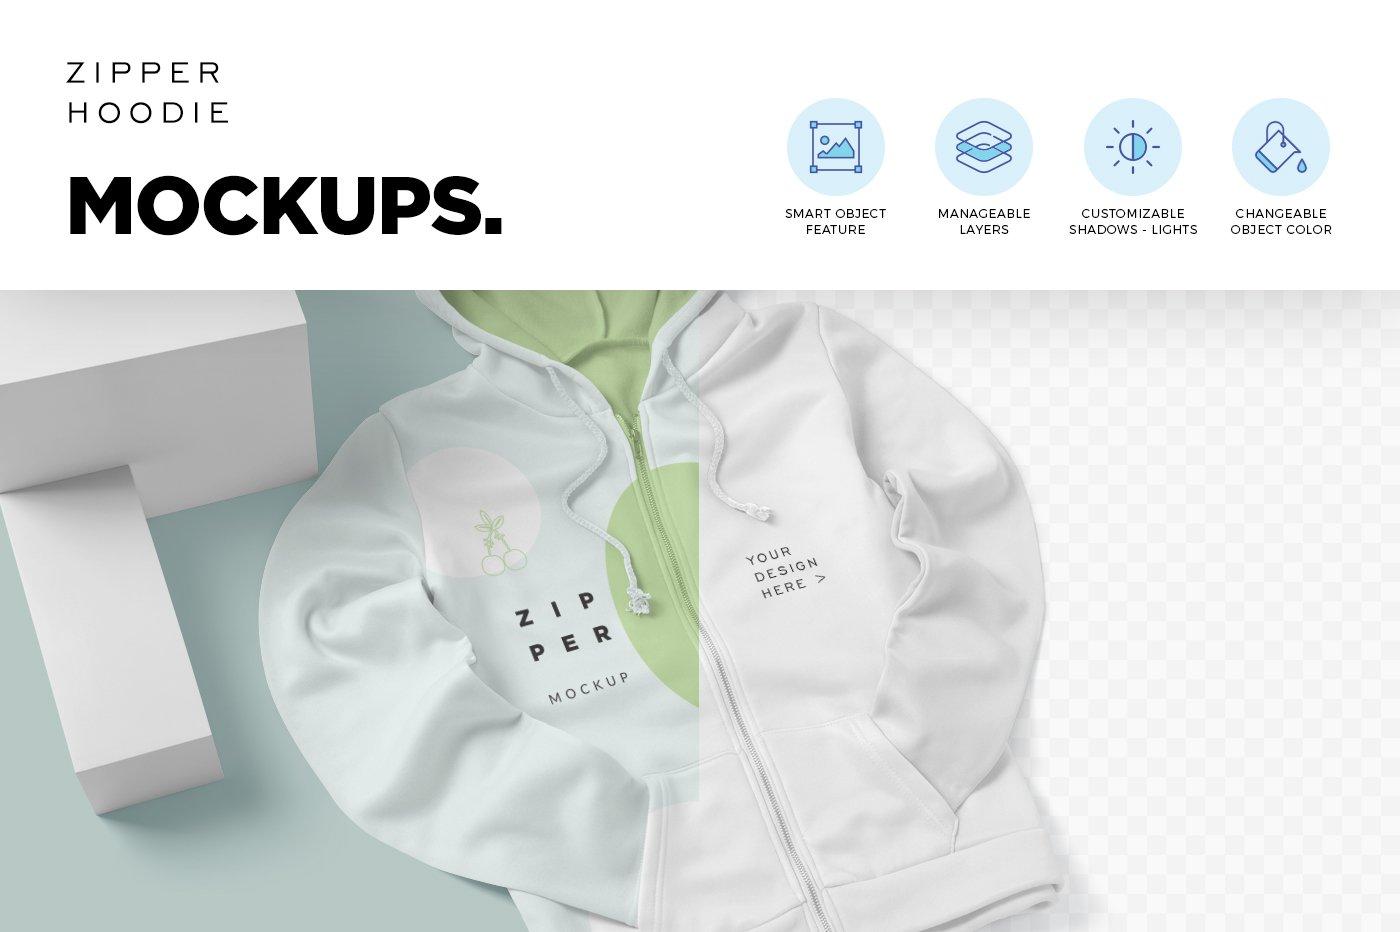 拉链连衣帽卫衣印花设计展示样机模板 Zipper Hoodie Mockup Templates插图(4)